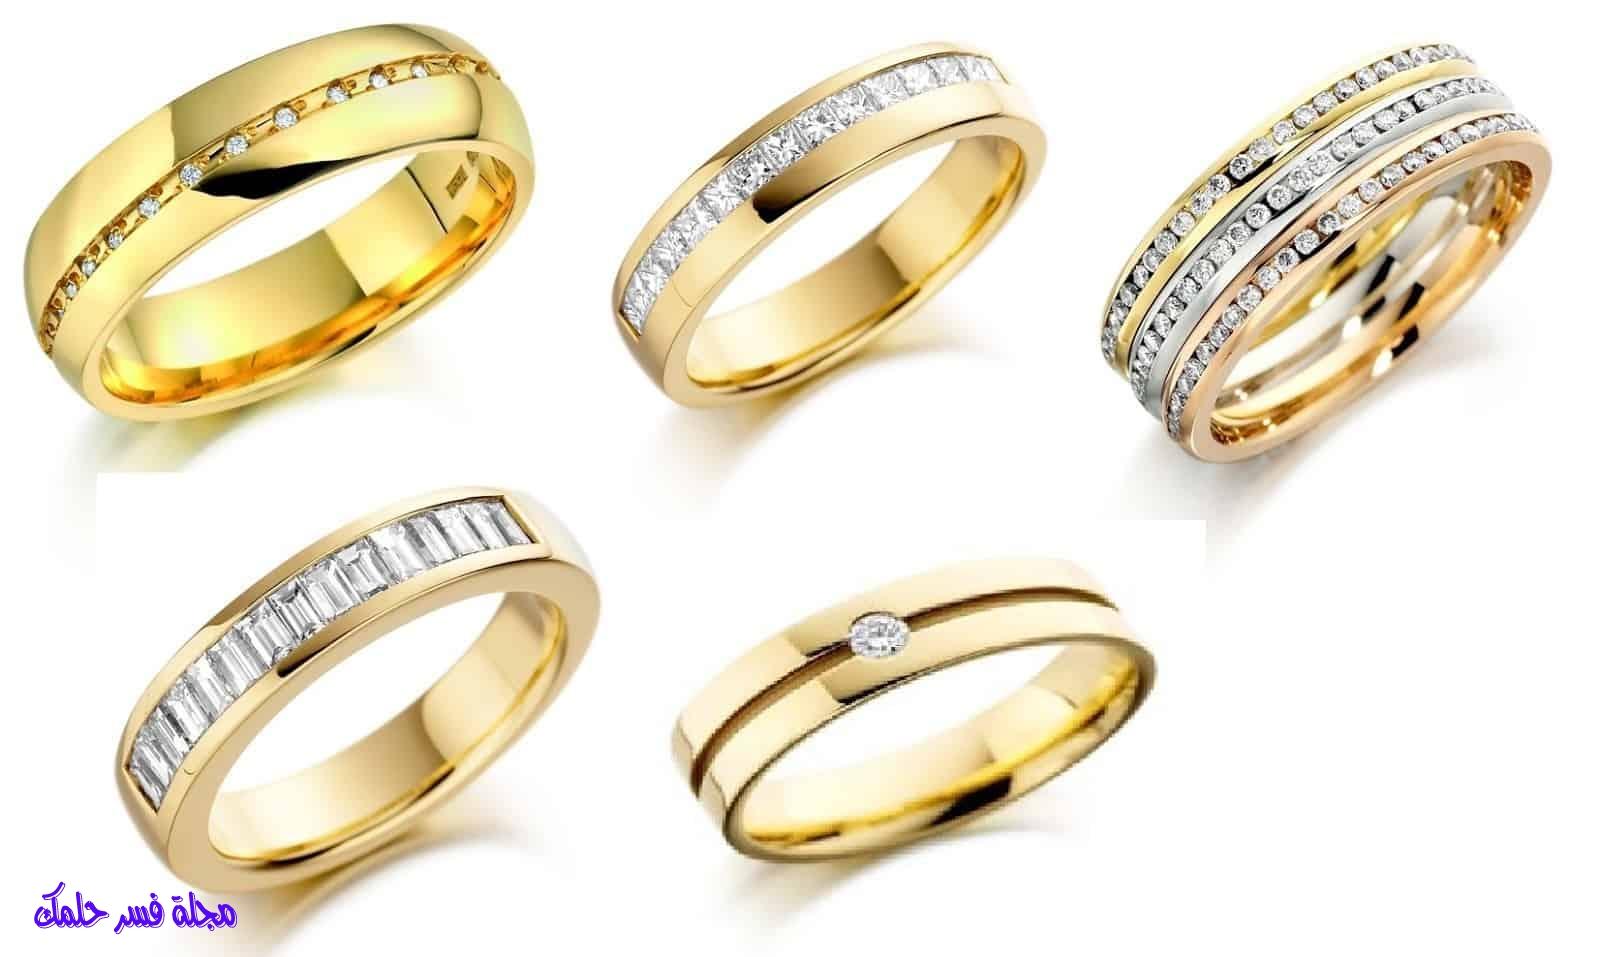 حلم الخاتم للمتزوجة في المنام لابن سيرين حلم الخاتم للمرأة